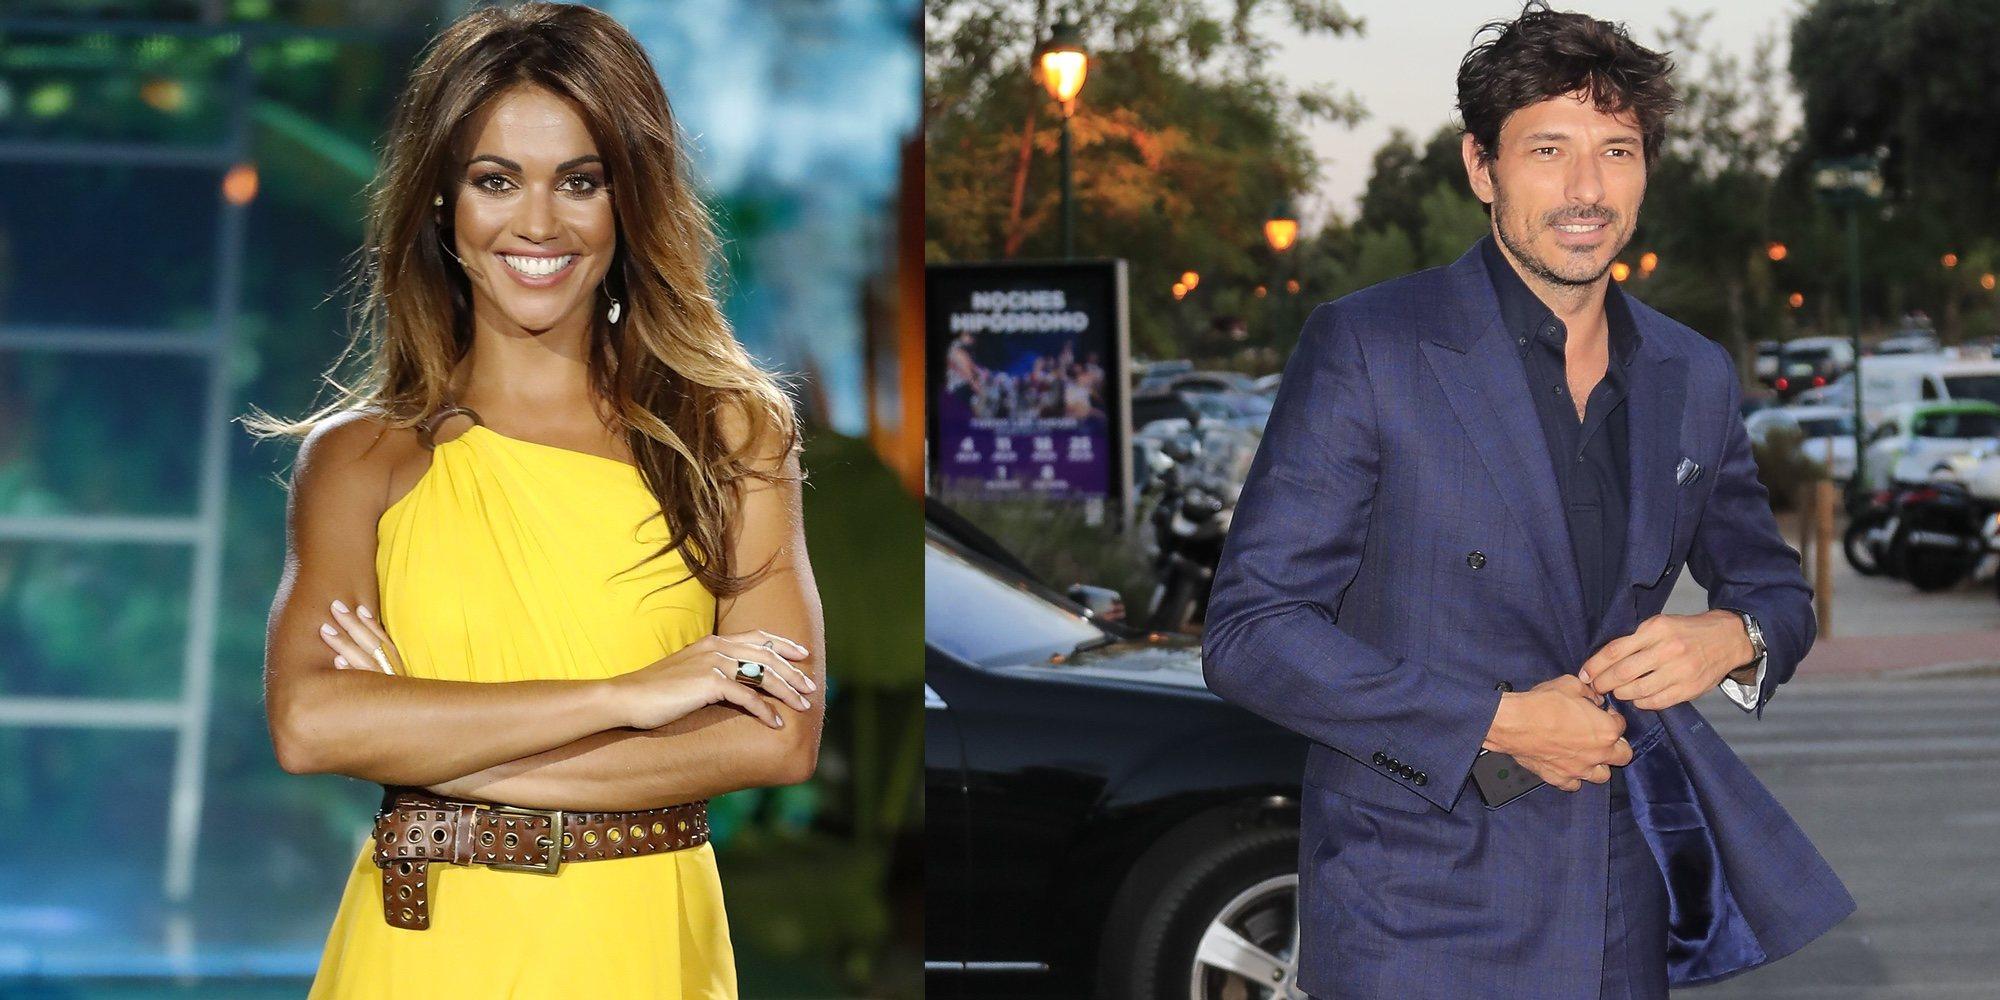 Belén Esteban saca los colores a Lara Álvarez en directo insinuando que tiene una nueva relación Velencoso